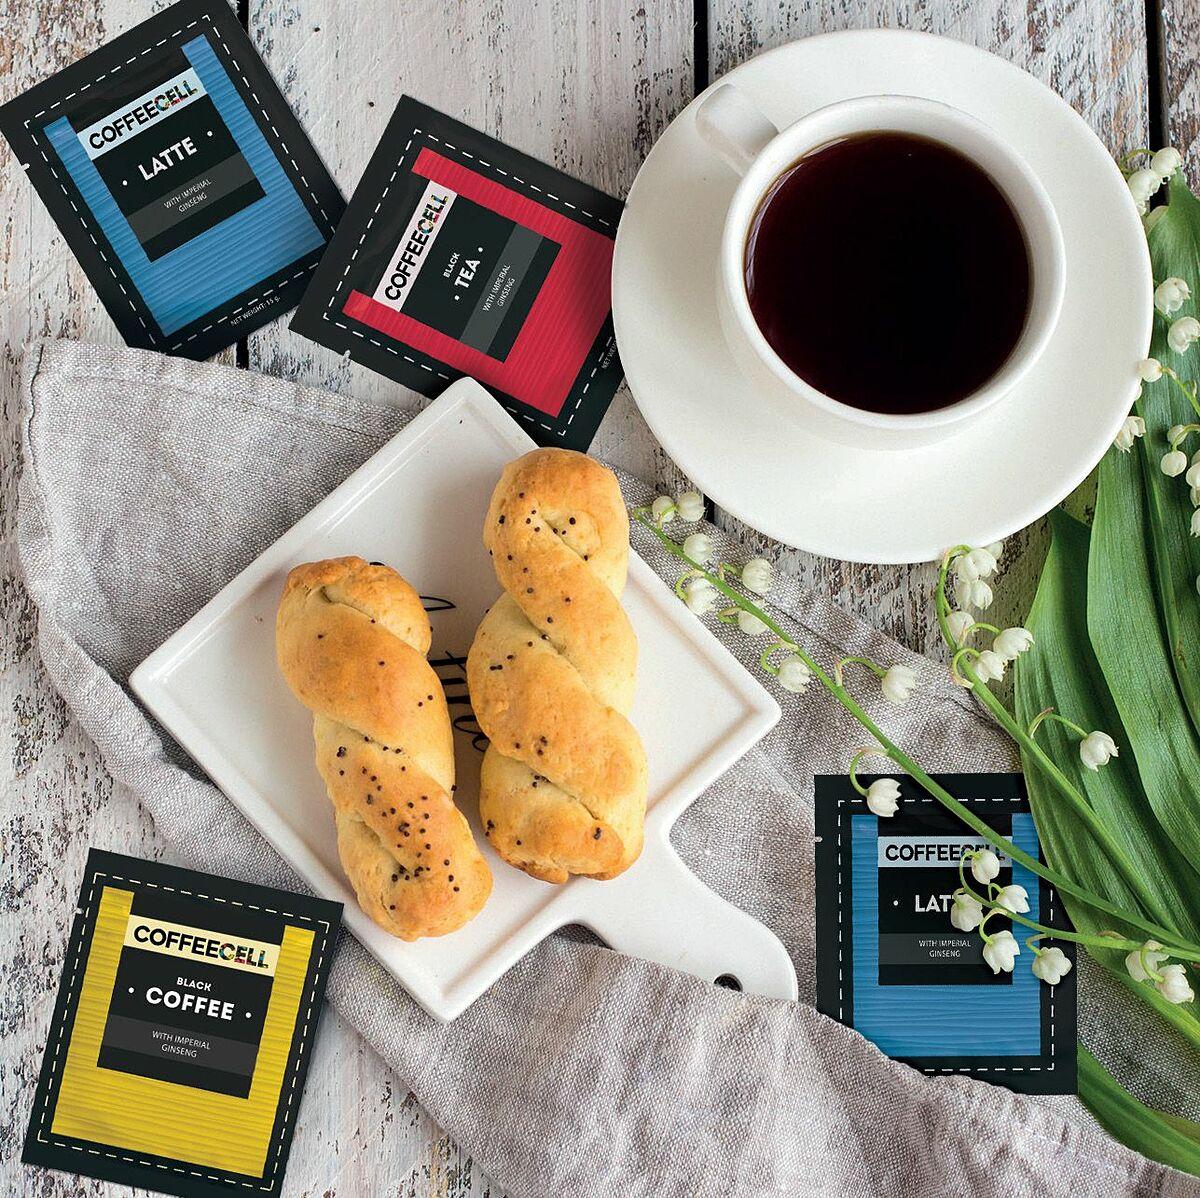 Các loại cà phê của CoffeeCell.